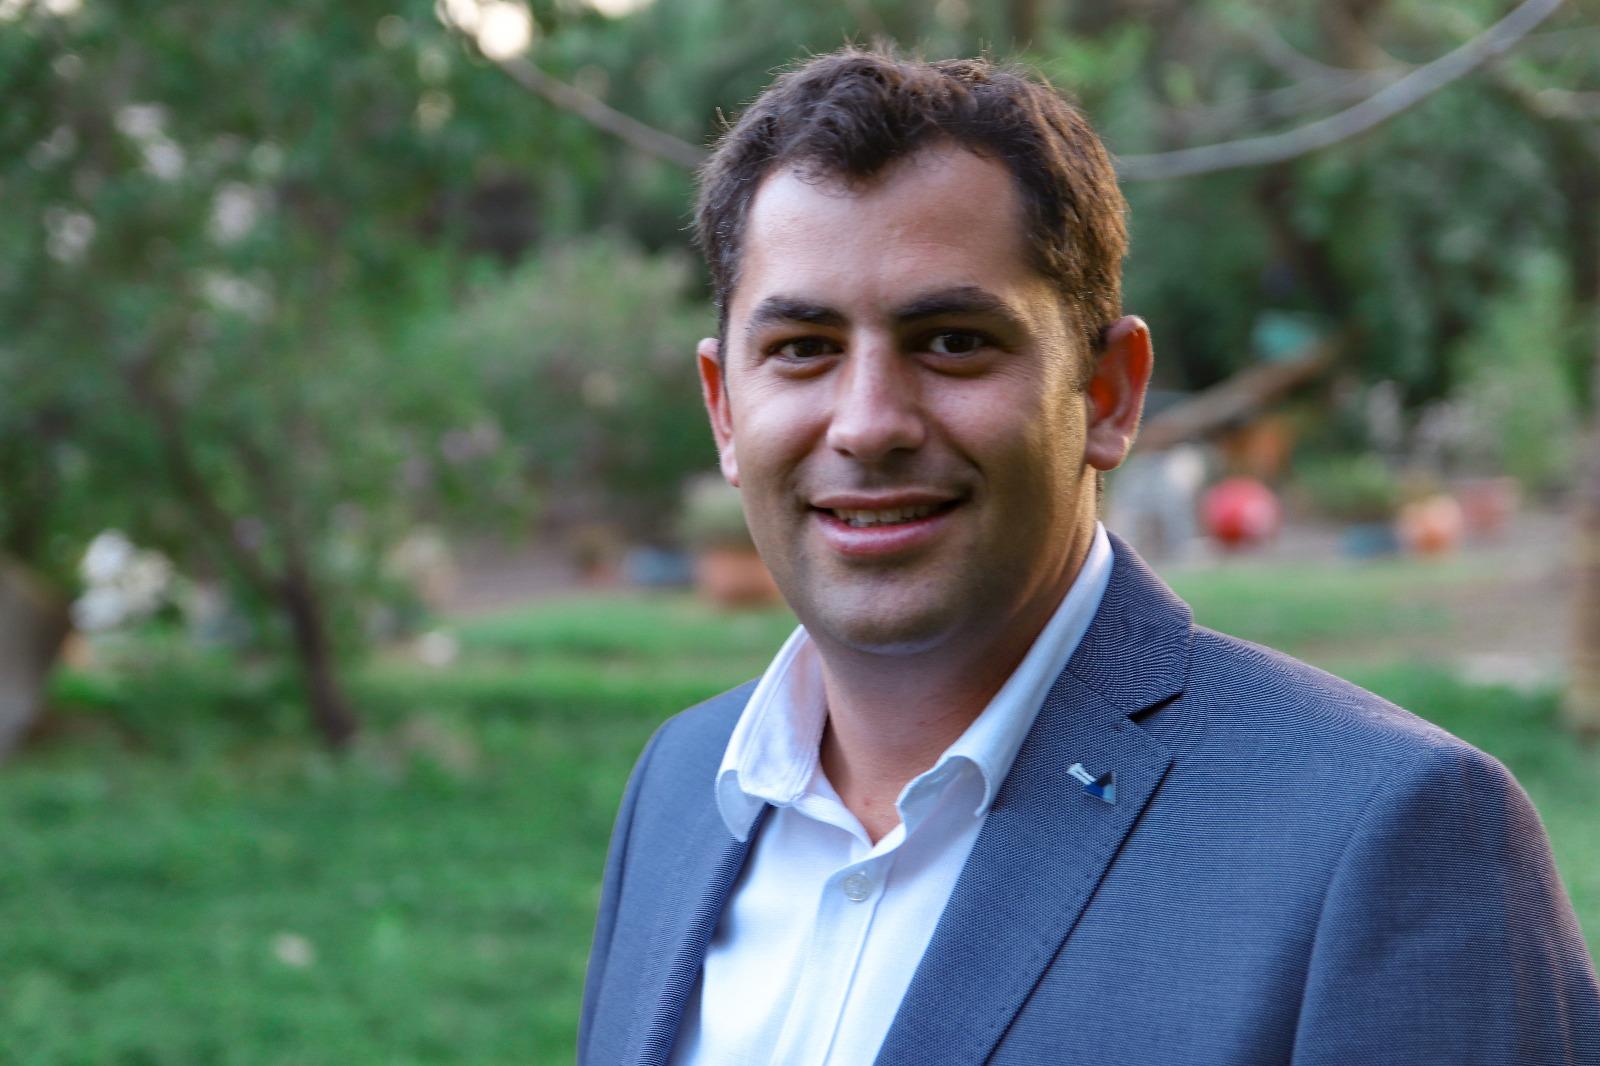 Amichai Davidovich, Associate